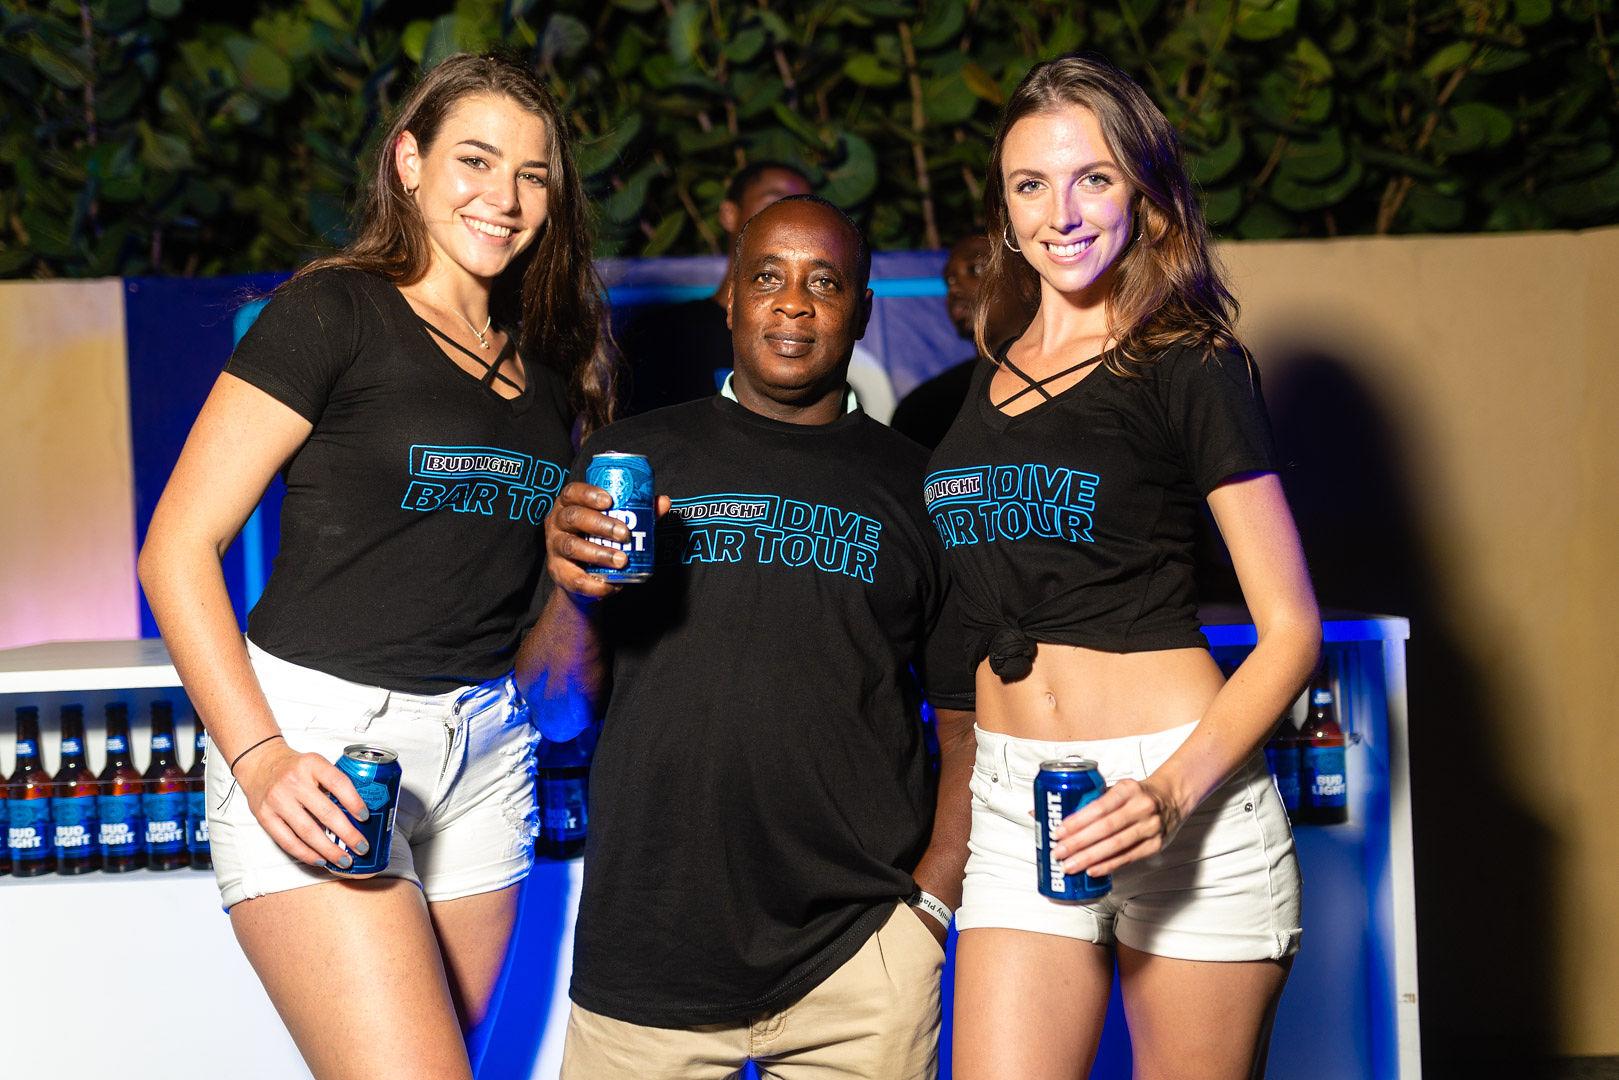 Bud Light Dive-Bar tour Winners get Boosie VIP Concert Experience